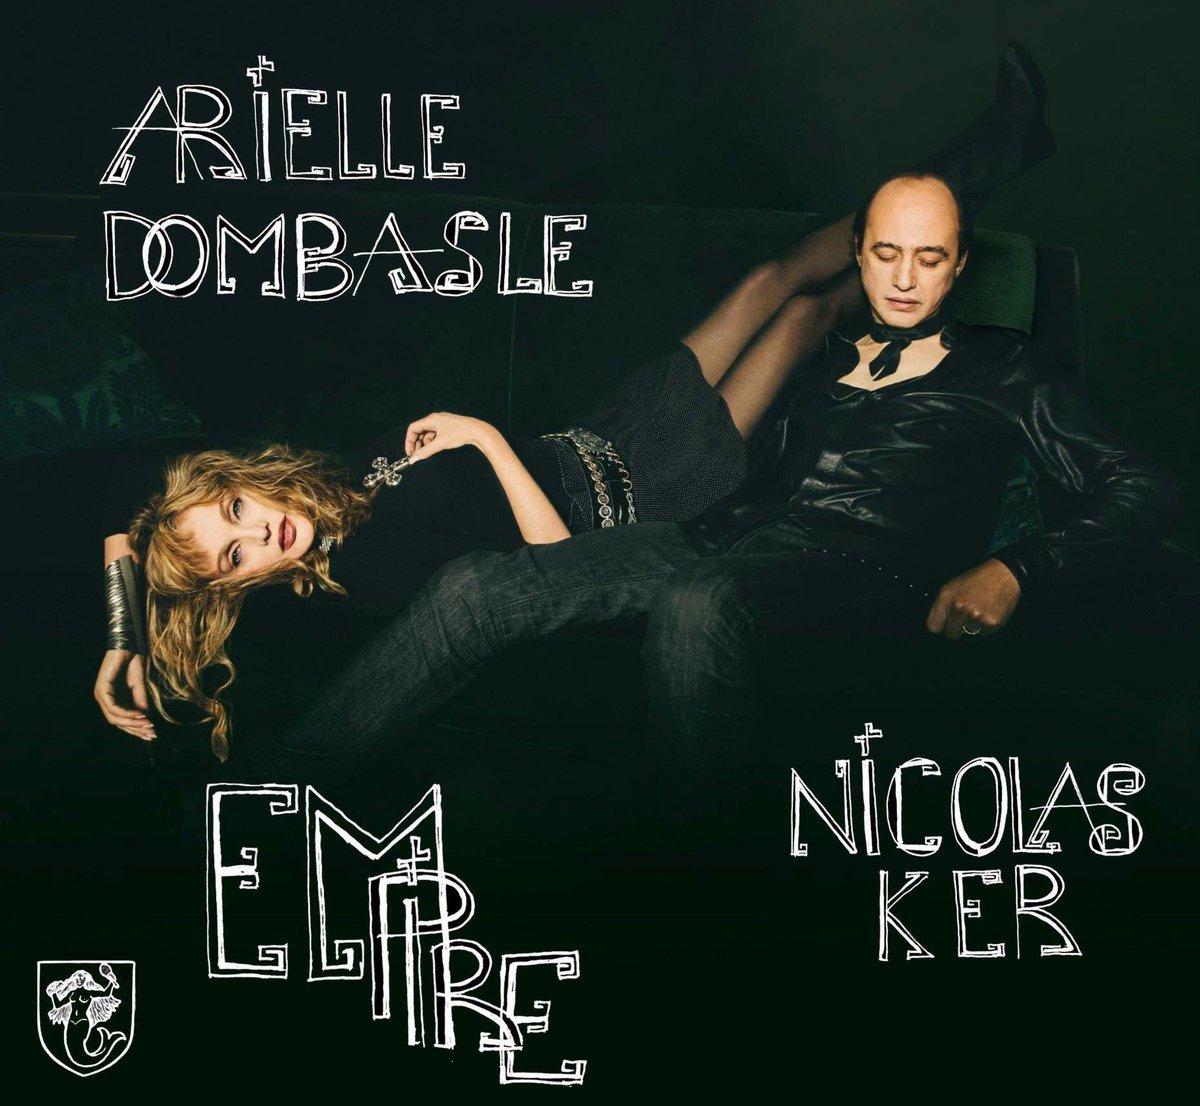 """Le duo foudroyant @ArielleDombasle & Nicolas Ker nous ouvre les portes d'un univers captivant avec leur album """"EMPIRE"""" disponible dès maintenant ! ➤ https://t.co/1bweiz4B4c   #Empire #ArielleDombasleXNicolasKer https://t.co/Li9PUweoJH"""